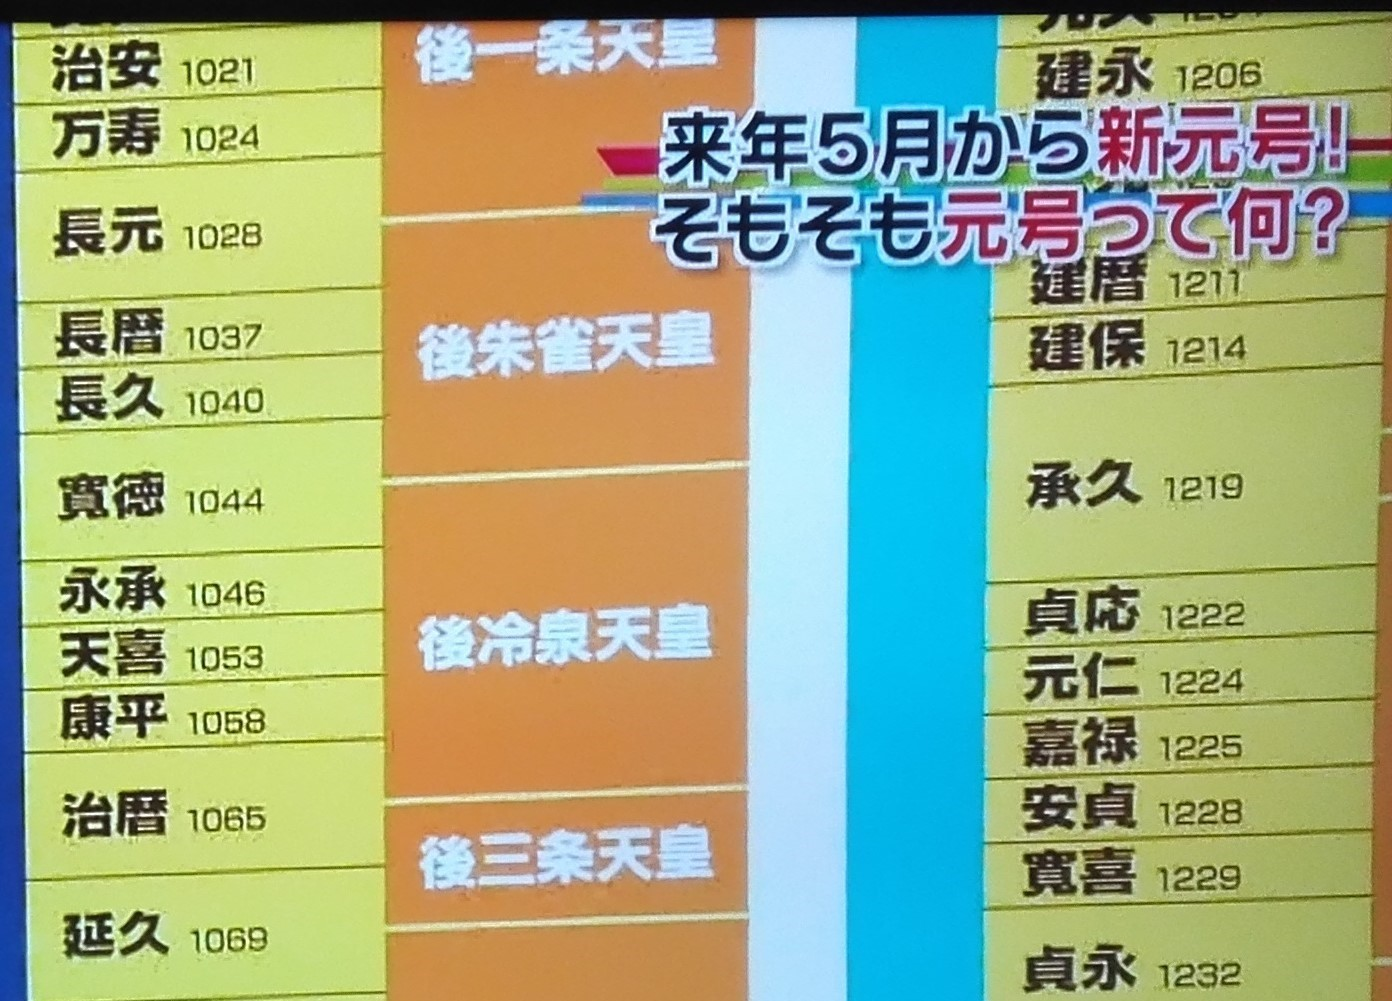 元号と西暦の変換、NHKテレビ「日本人のおなまえっ!元号を大特集 ...